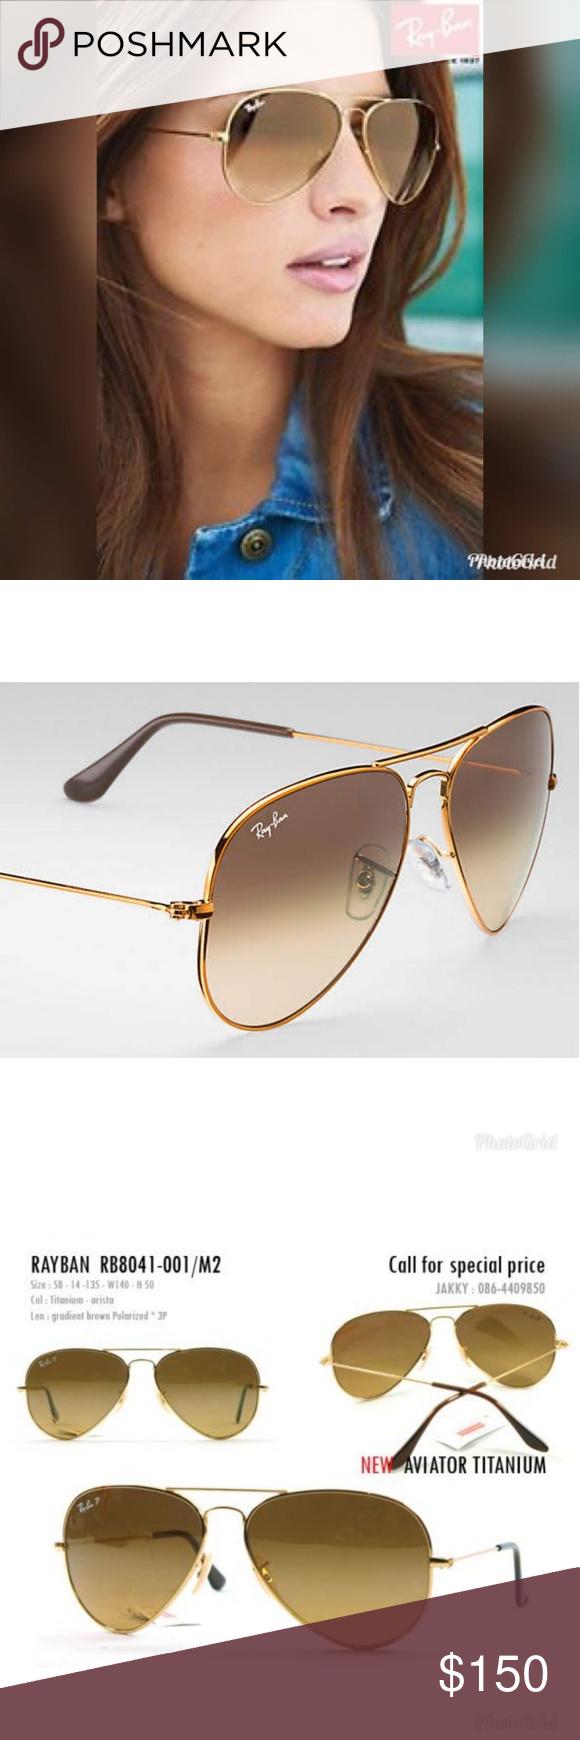 3ad90b7ca62d Ray Ban RB8041 Titanium Aviators - Gold/Brown Grad Ray-Ban Sunglasses -  RB8041